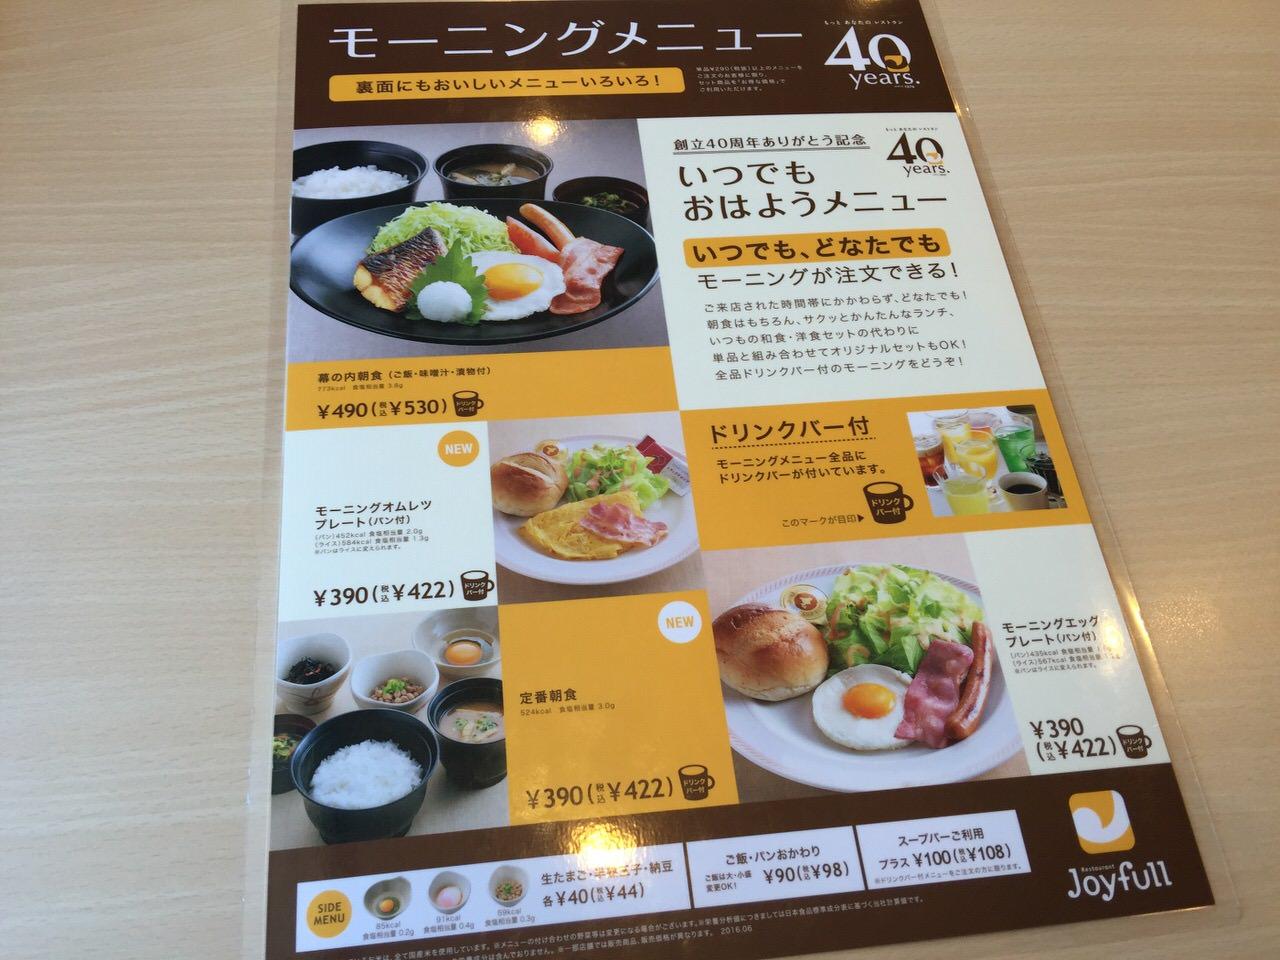 Joyfull yashio 7794